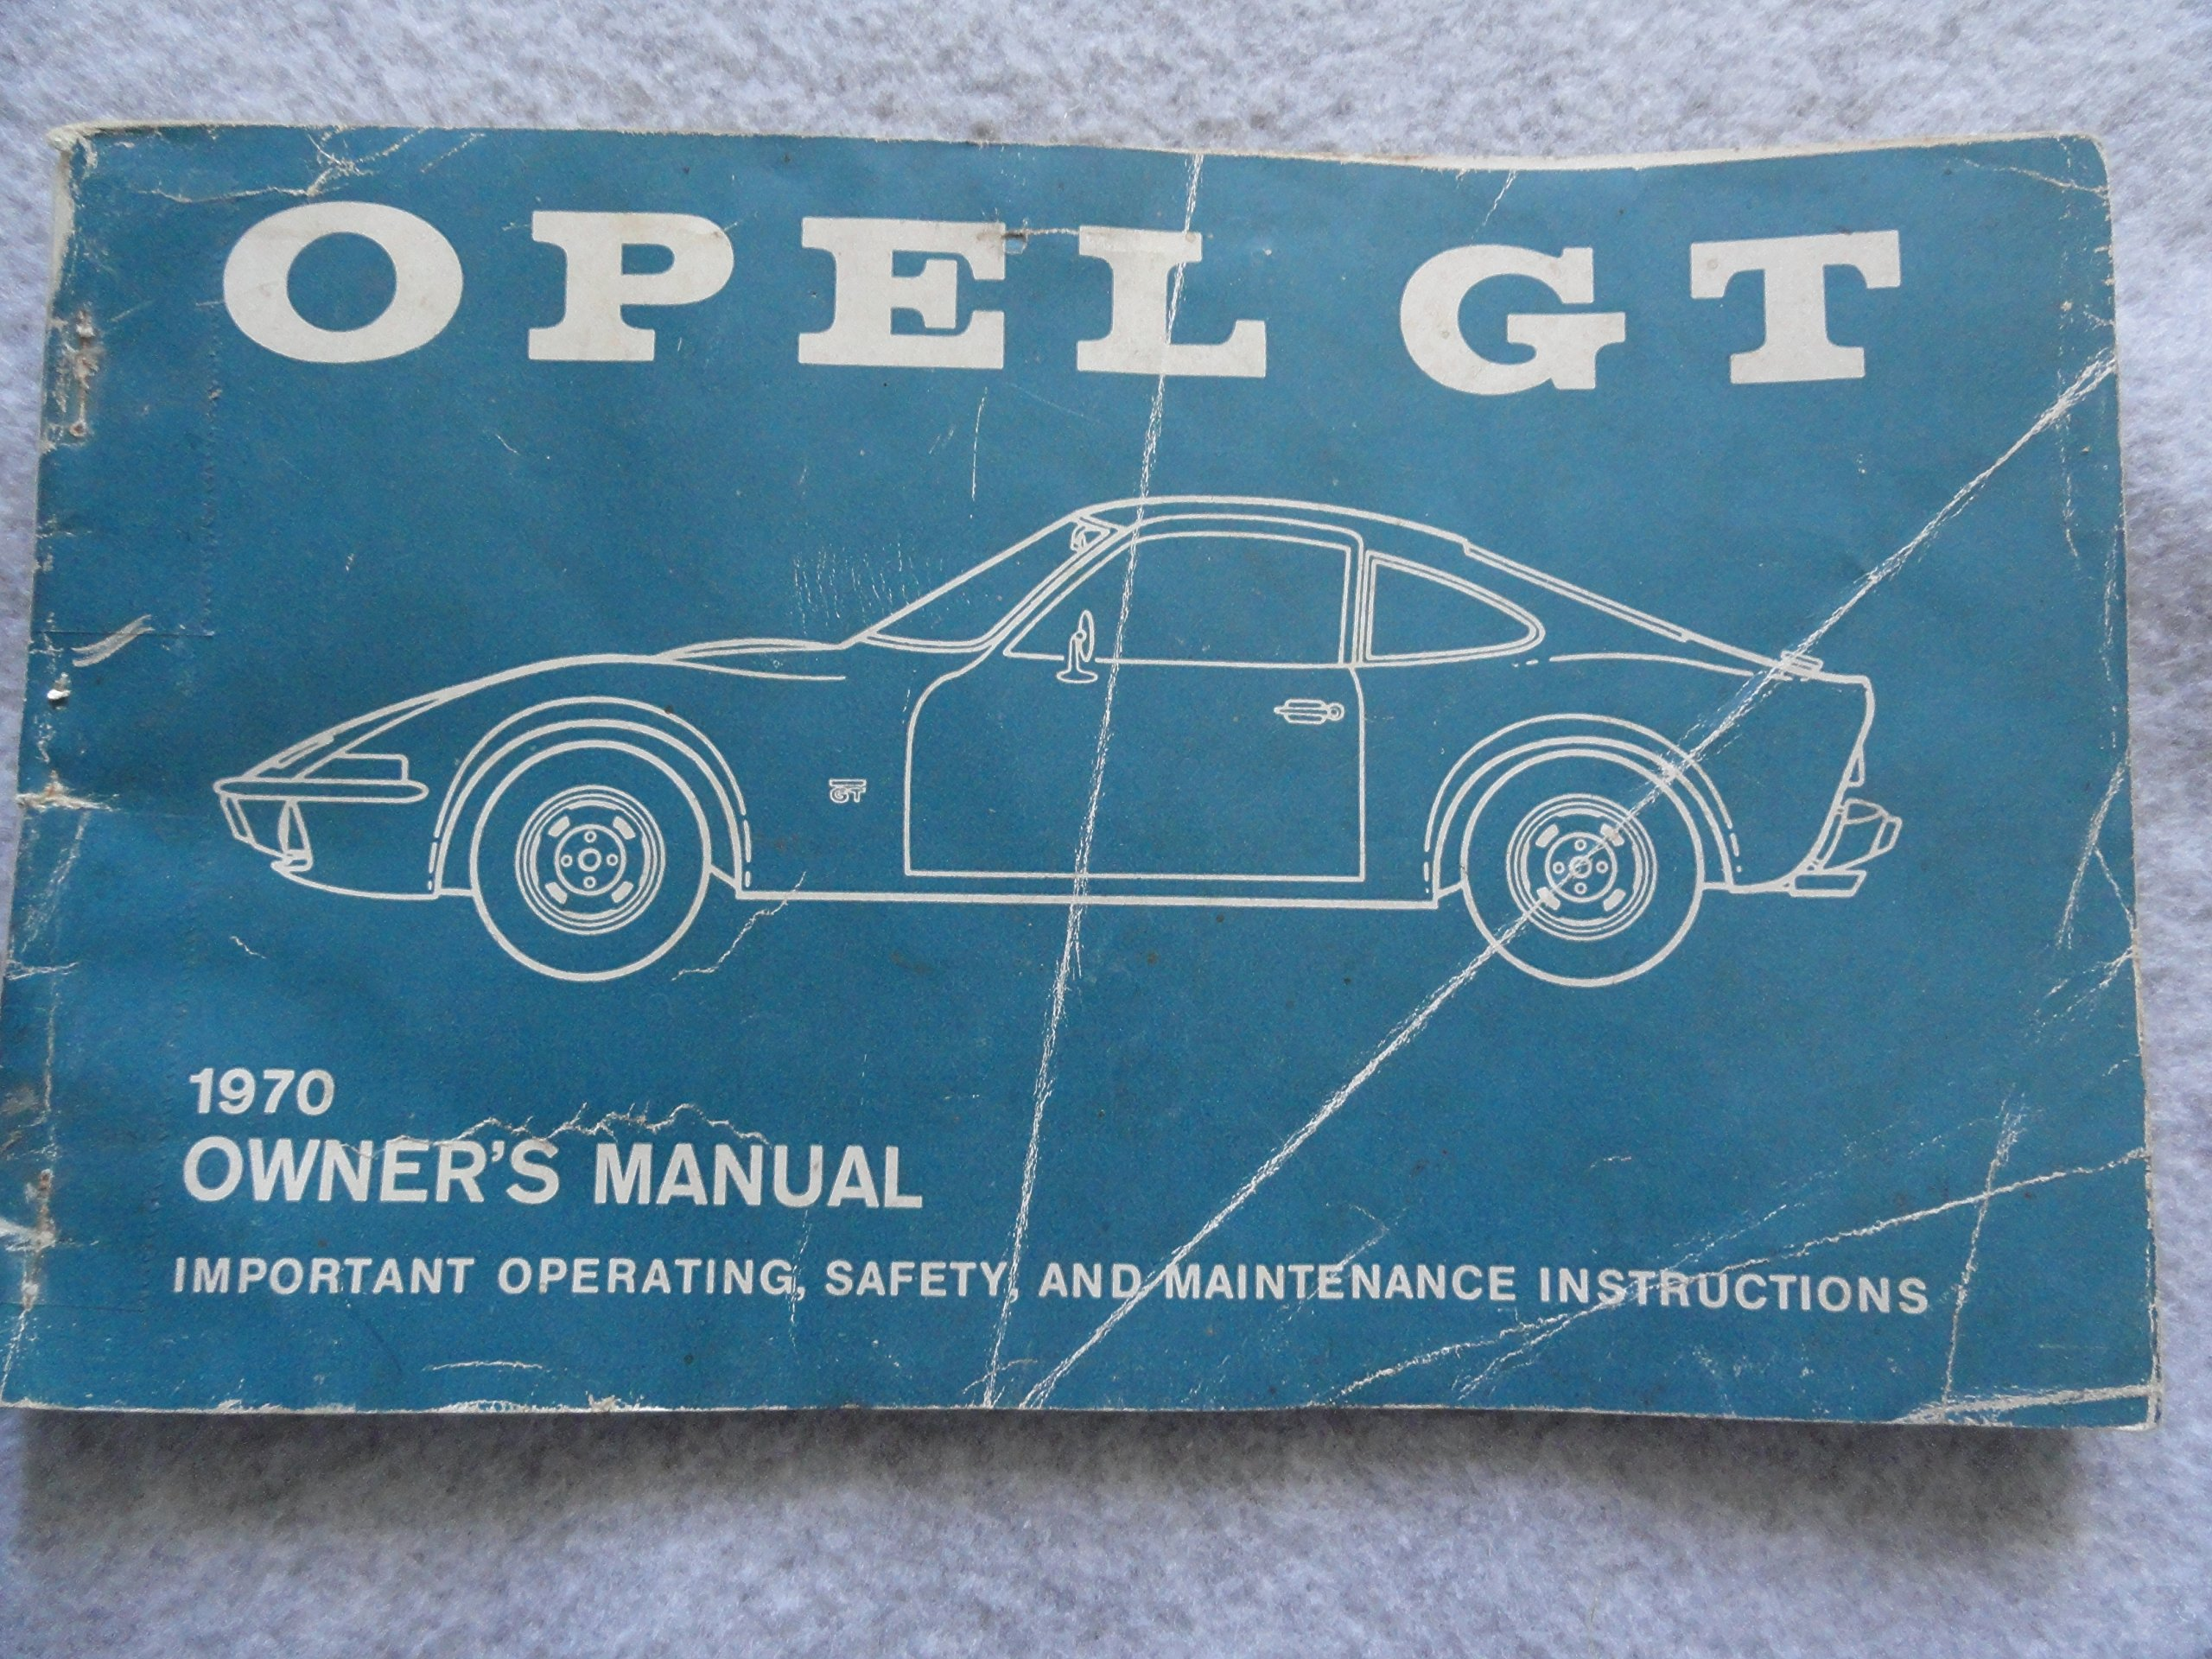 Opel Gt Wiring Diagram | Wiring Schematic Diagram - 69 ... Kaiser Darrin Wiring Diagram on